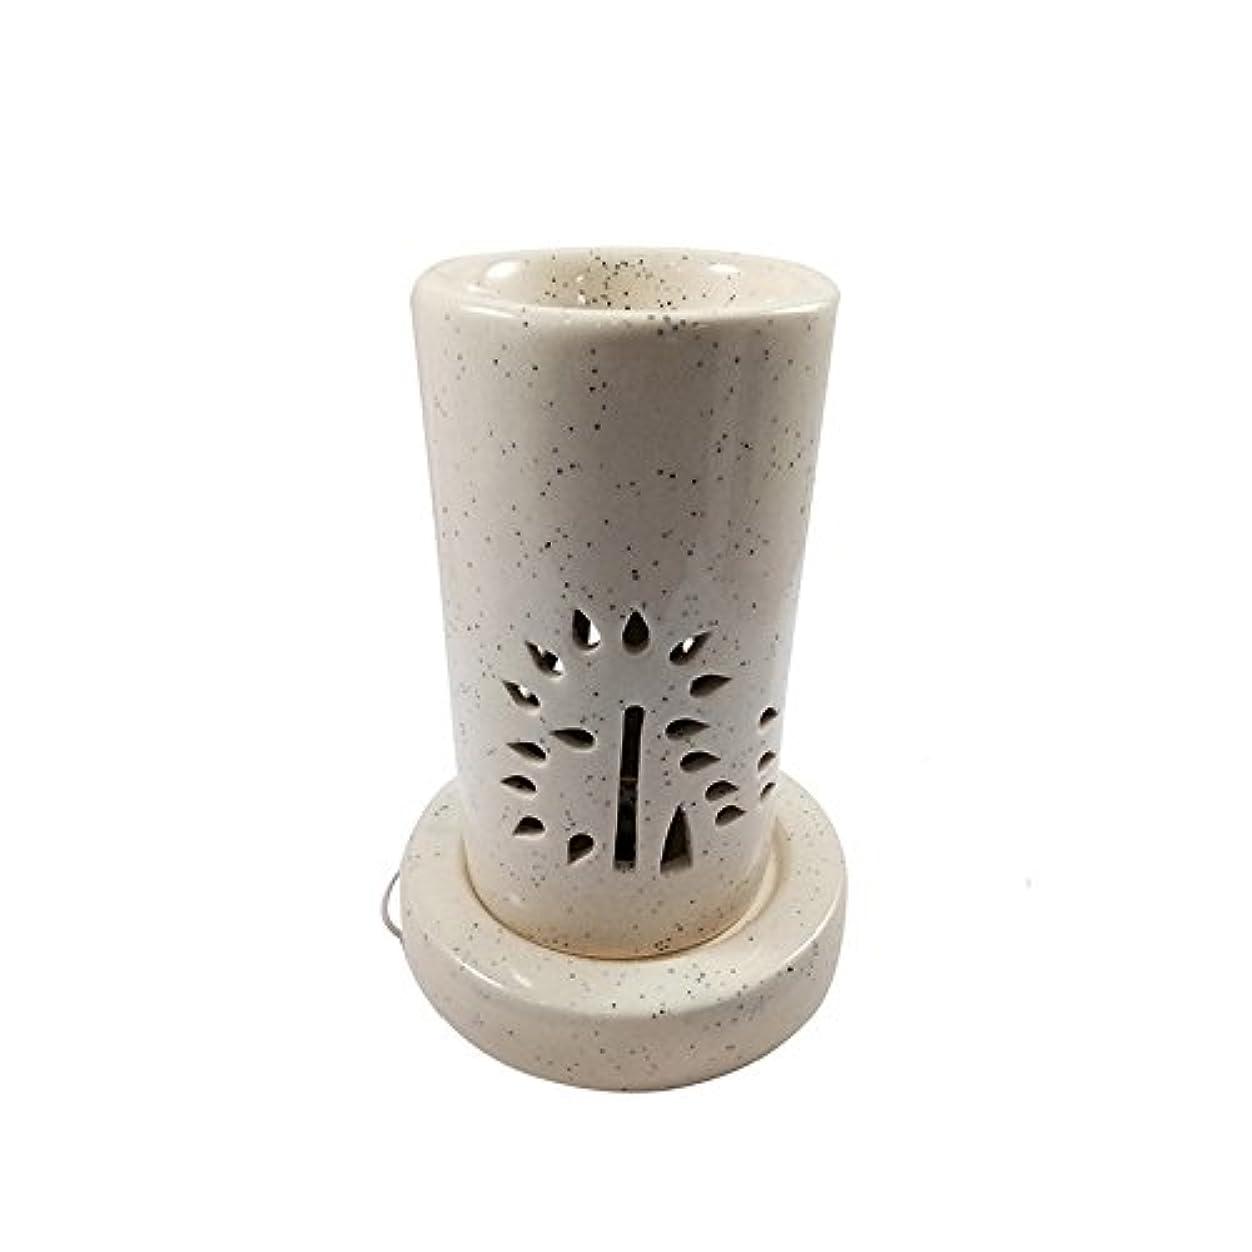 スクレーパー軽食ペースホームデコレーション定期的に使用する汚染のない手作りセラミックエスニックアロマディフューザーオイルバーナー|良質ブラウン色電気アロマテラピー香油暖かい数量1